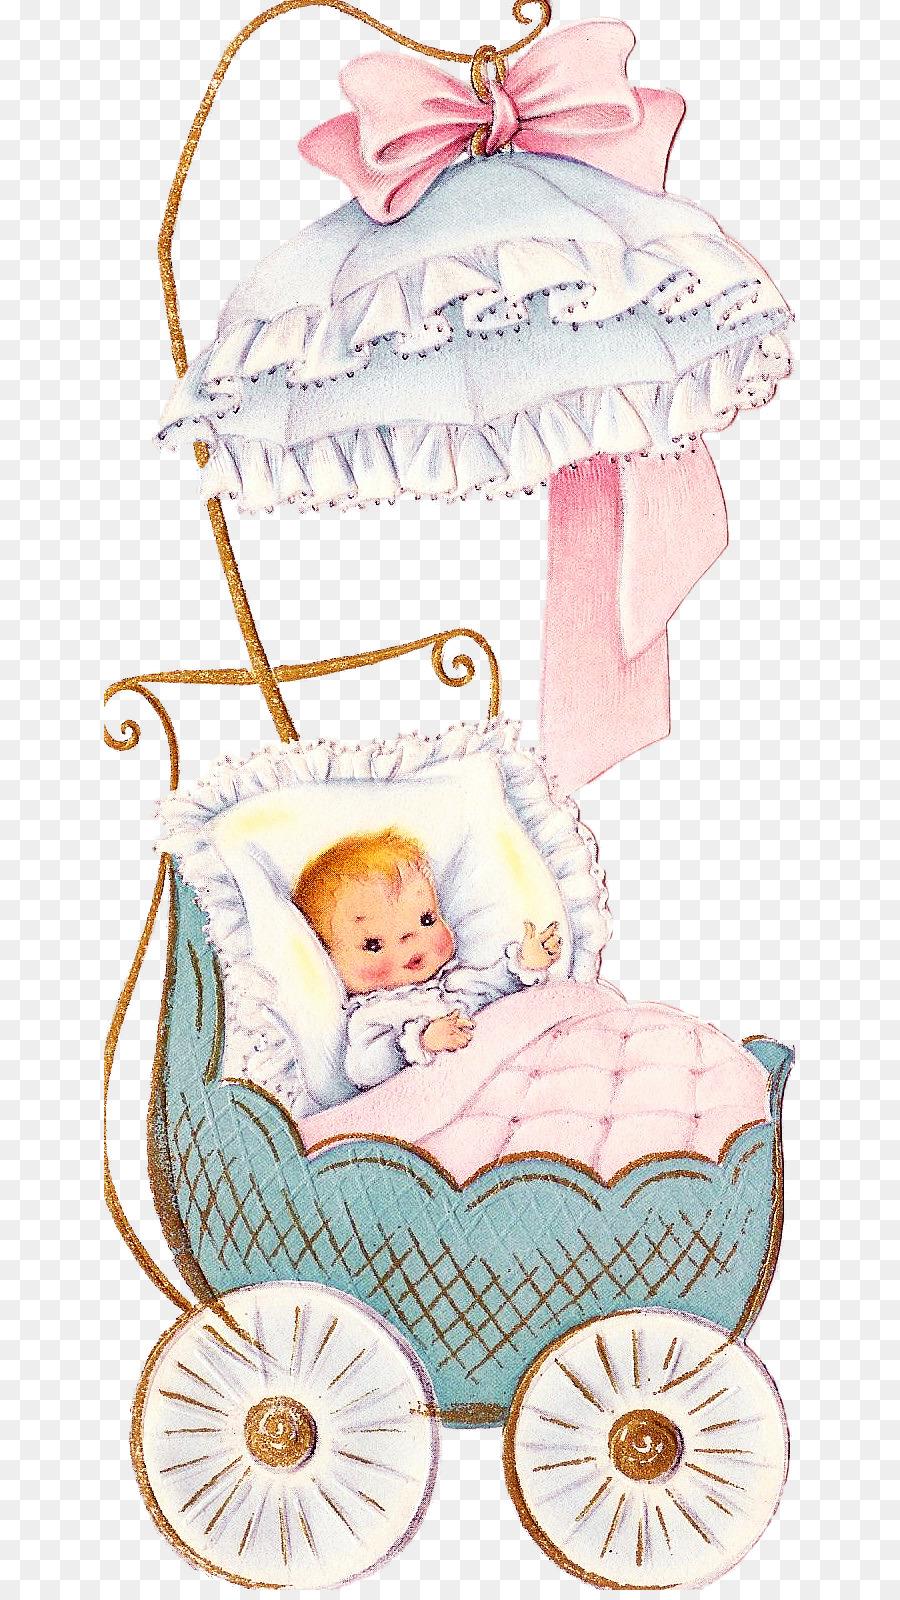 Открытки картинки младенцы, открытки санкт-петербурга открытки